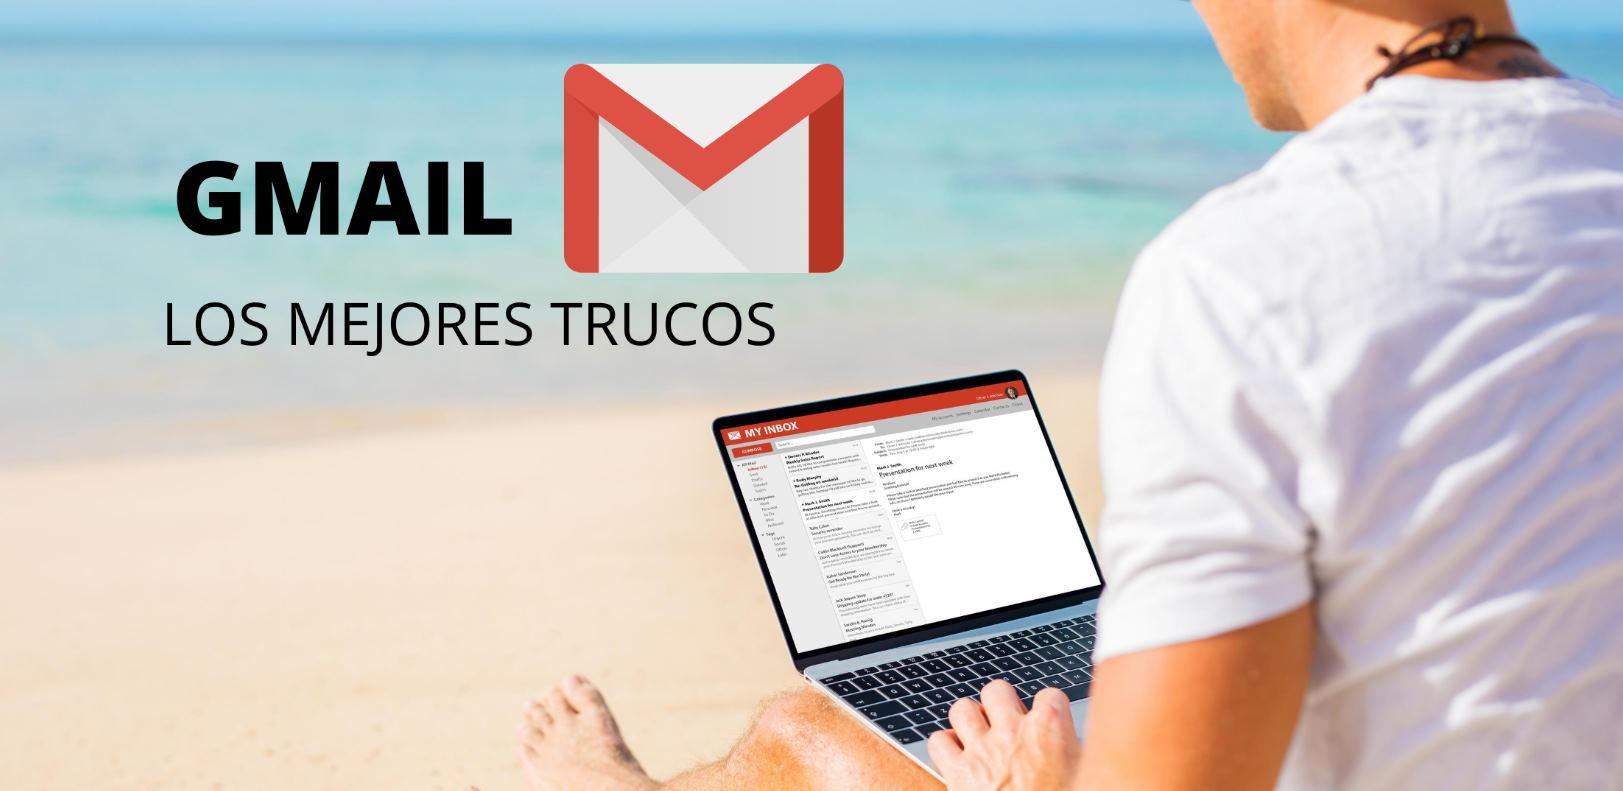 Estos son los mejores trucos de Gmail, para aprovecharlo al máximo